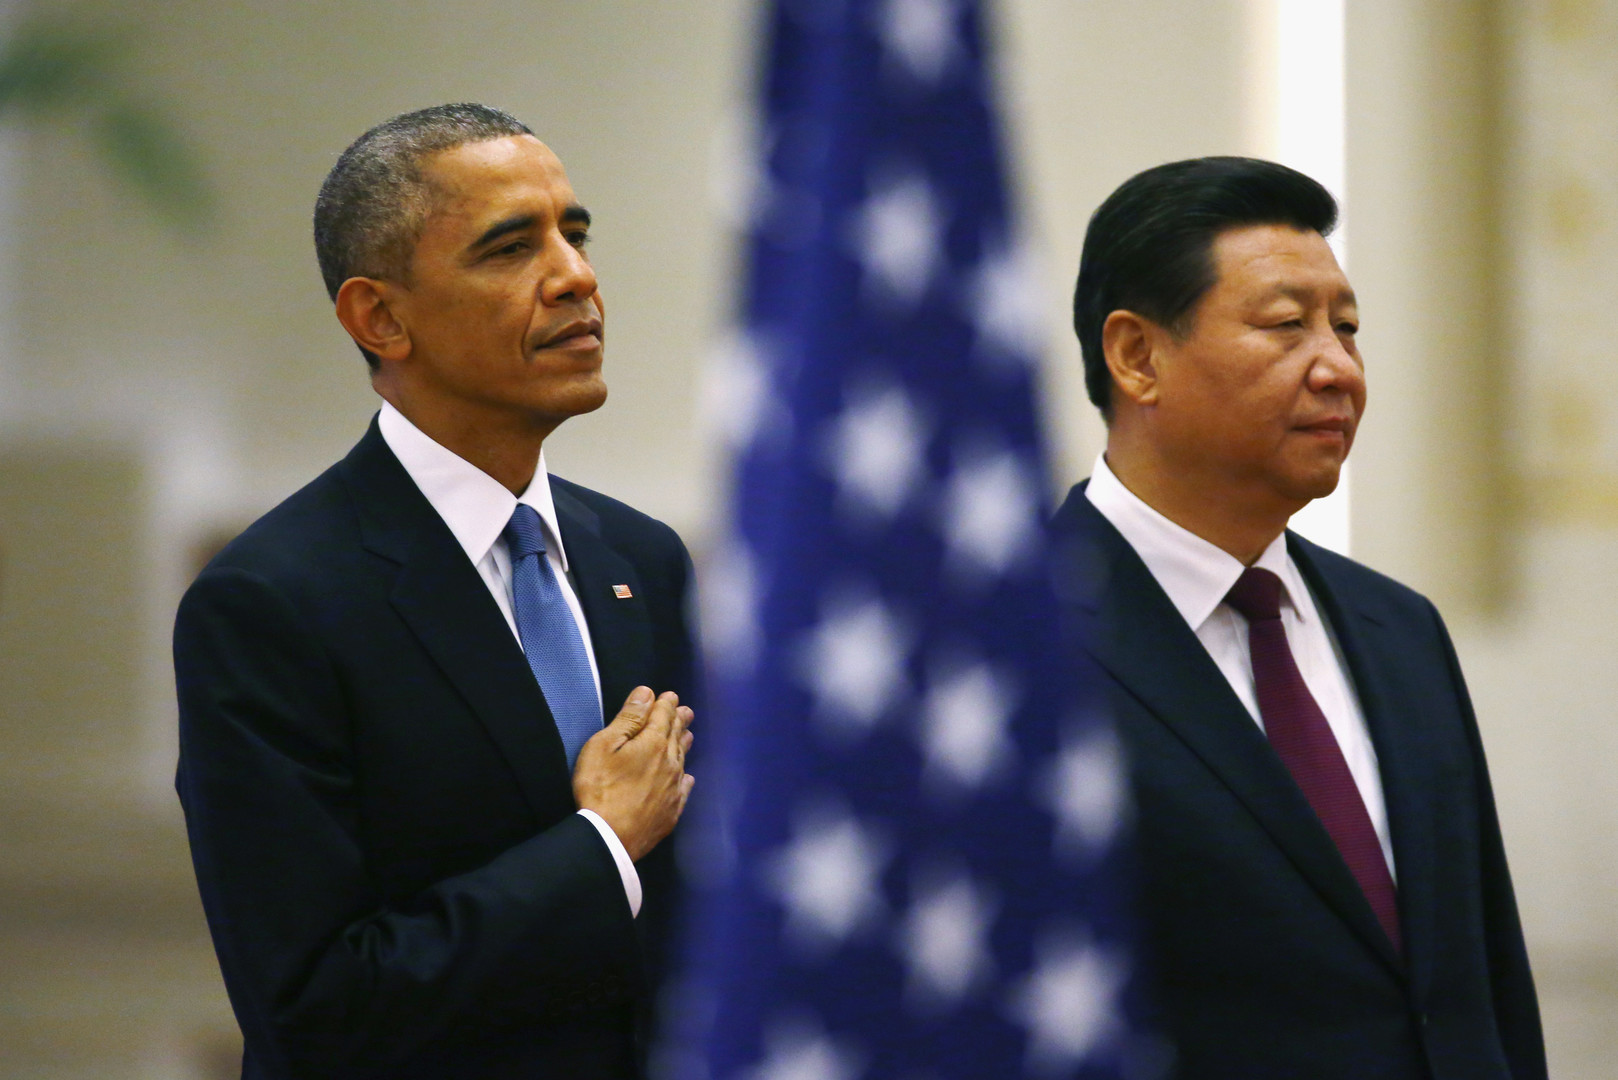 Barack Obama und Xi Jinping stehen hinter einer amerikanischen Fahne in der Großen Halle des Volkes, Peking, November 2014.